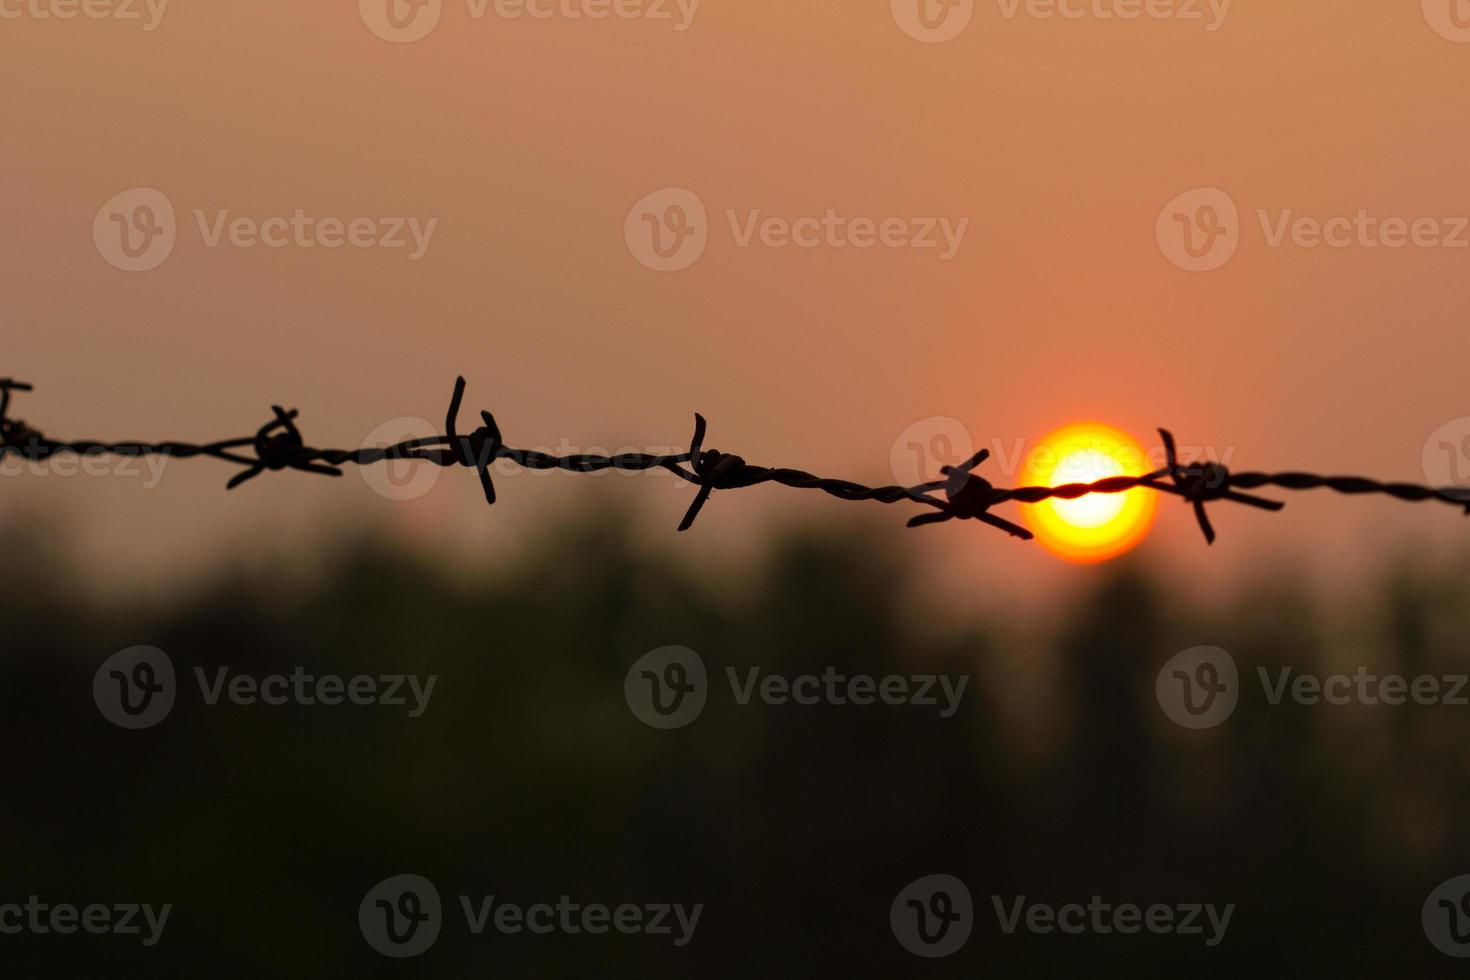 Stacheldraht-Silhouette am Sonnenuntergangshimmel foto